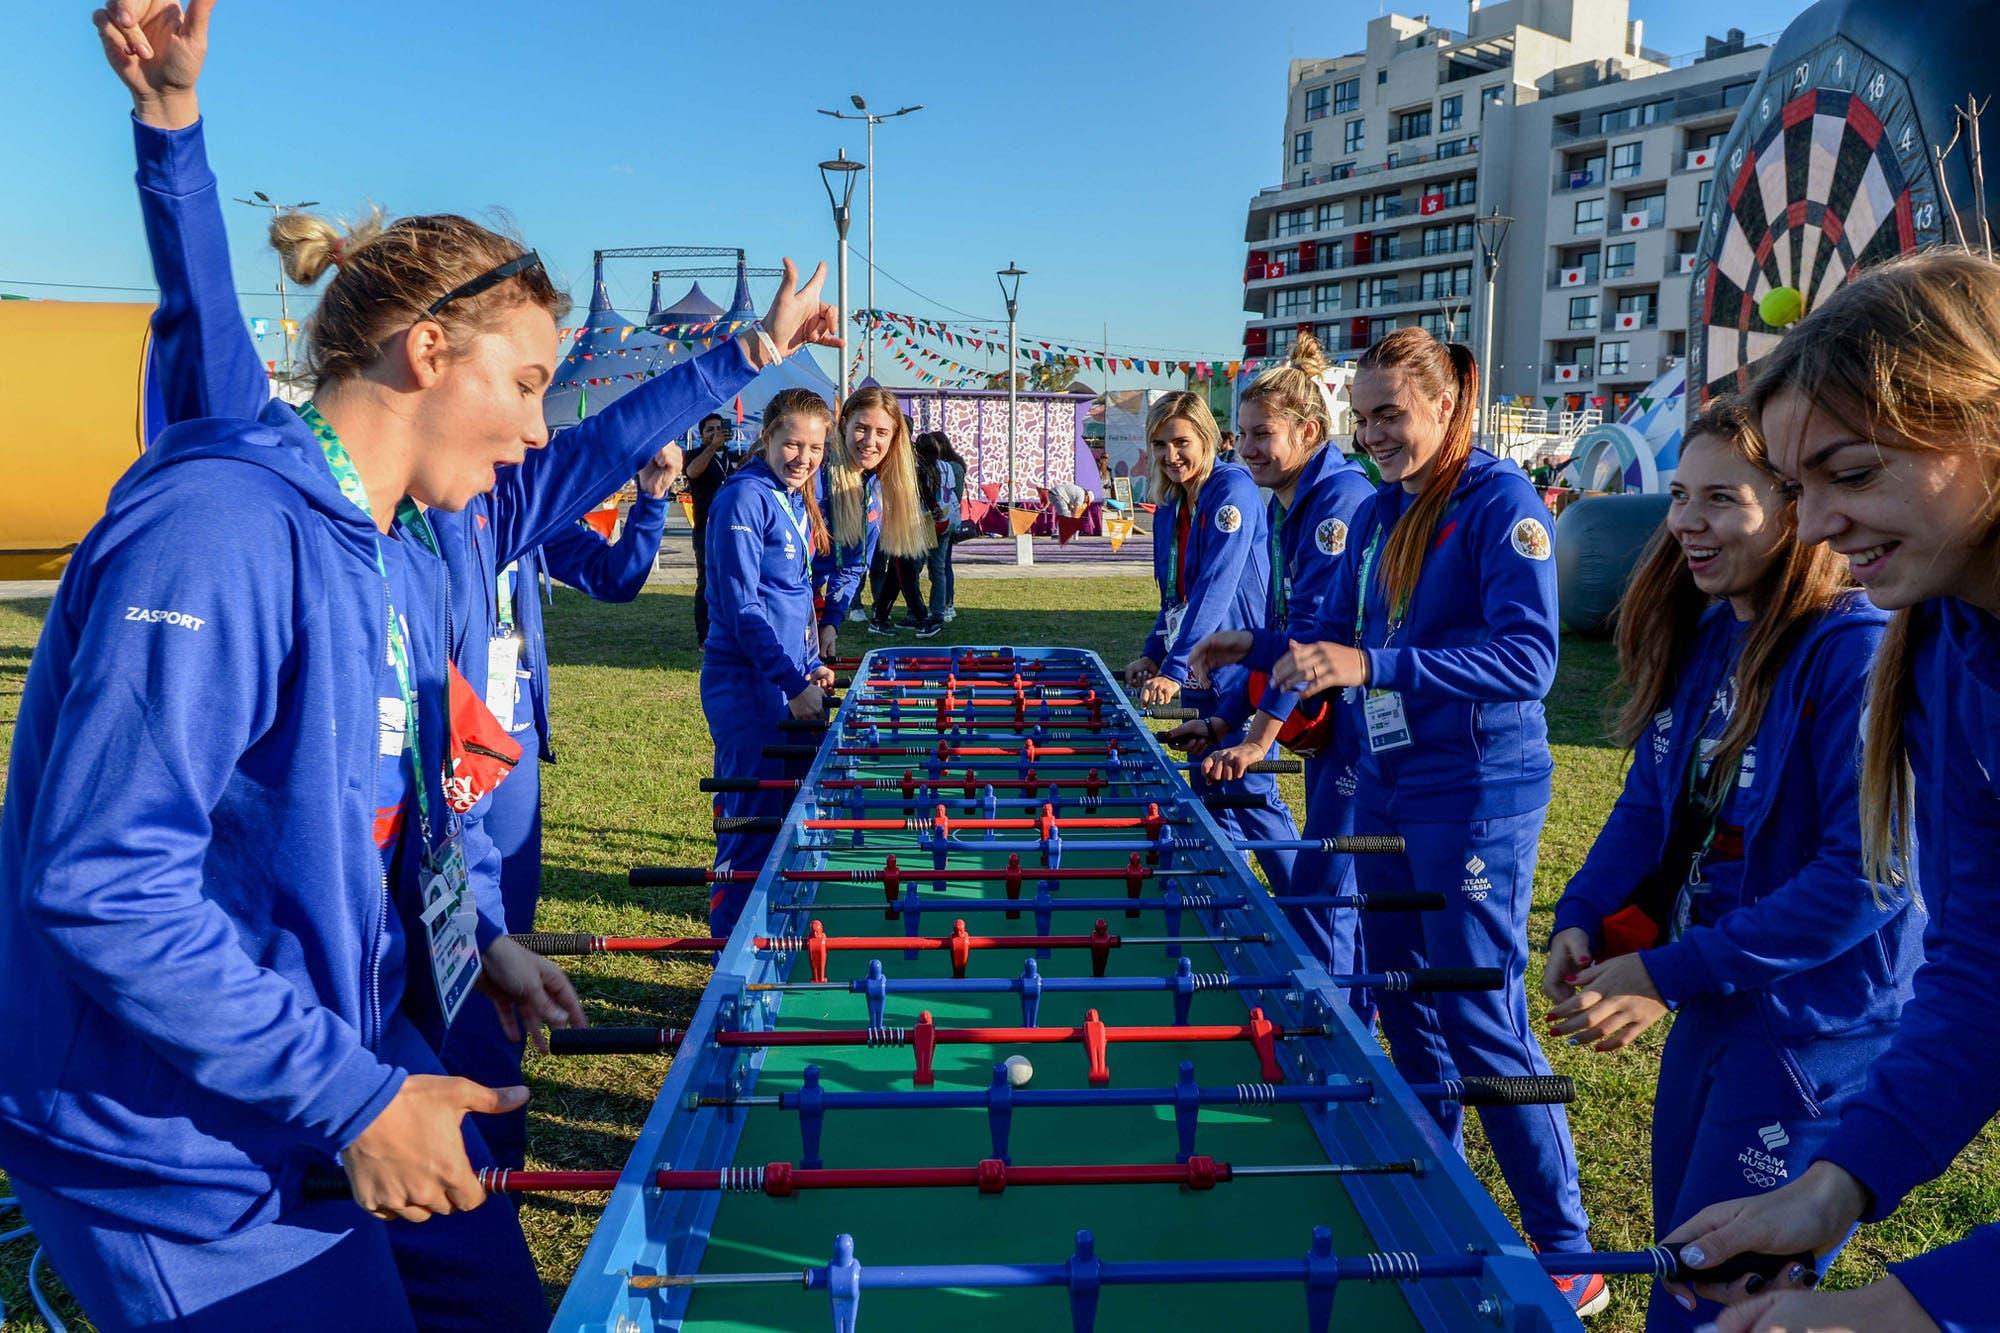 Buenos Aires 2018. Vivir el fascinante mundo olímpico siendo adolescente